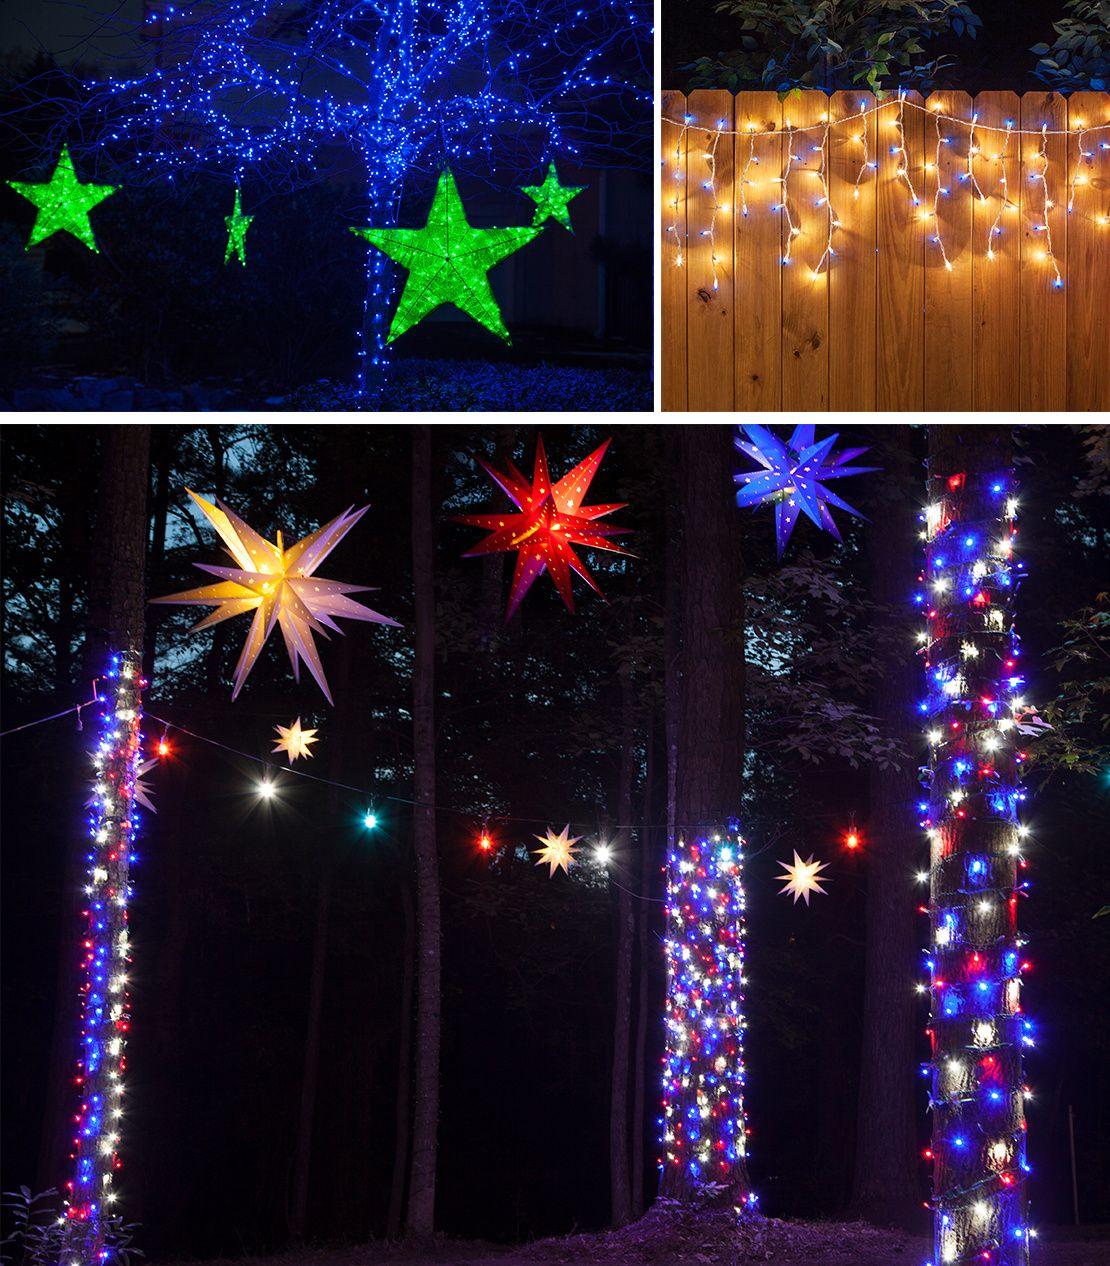 Blue Christmas Lights Christmas Lights Etc Blue Christmas Lights Blue Decor Christmas Lights